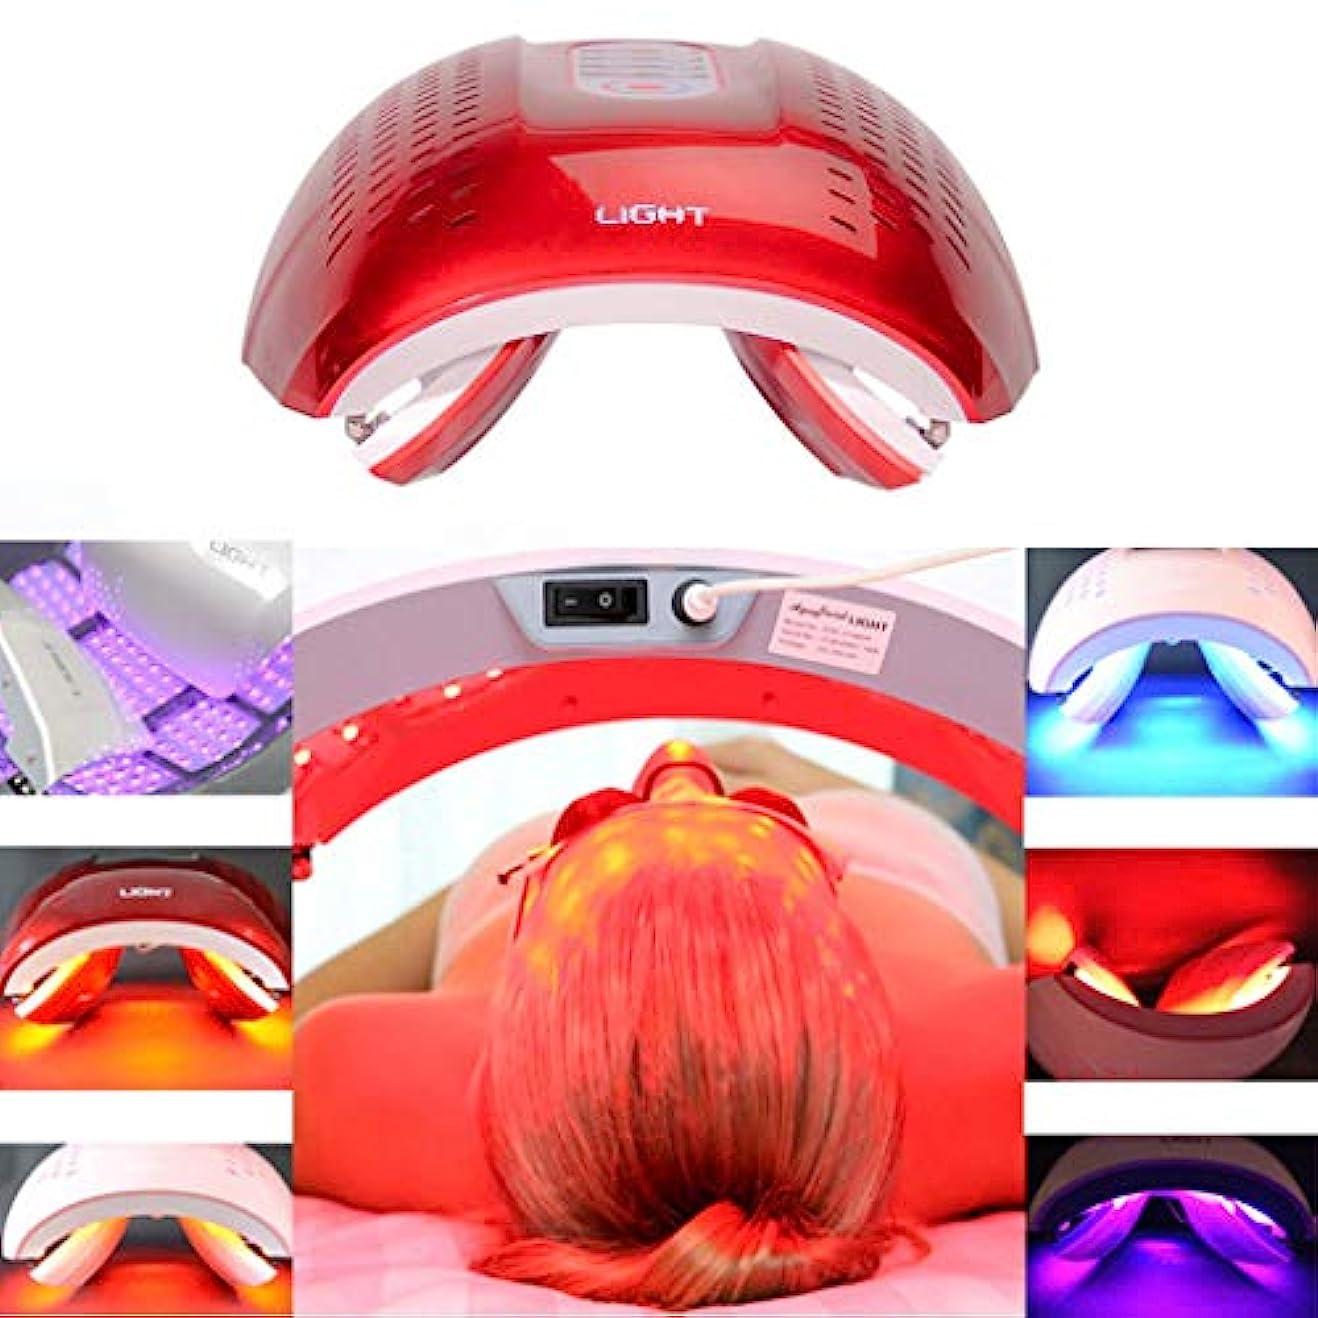 呼吸する革命的令状LED光子の顔の若返りの美の器械、4色PDTの分光計、肌の引き締め美白の強化,Red